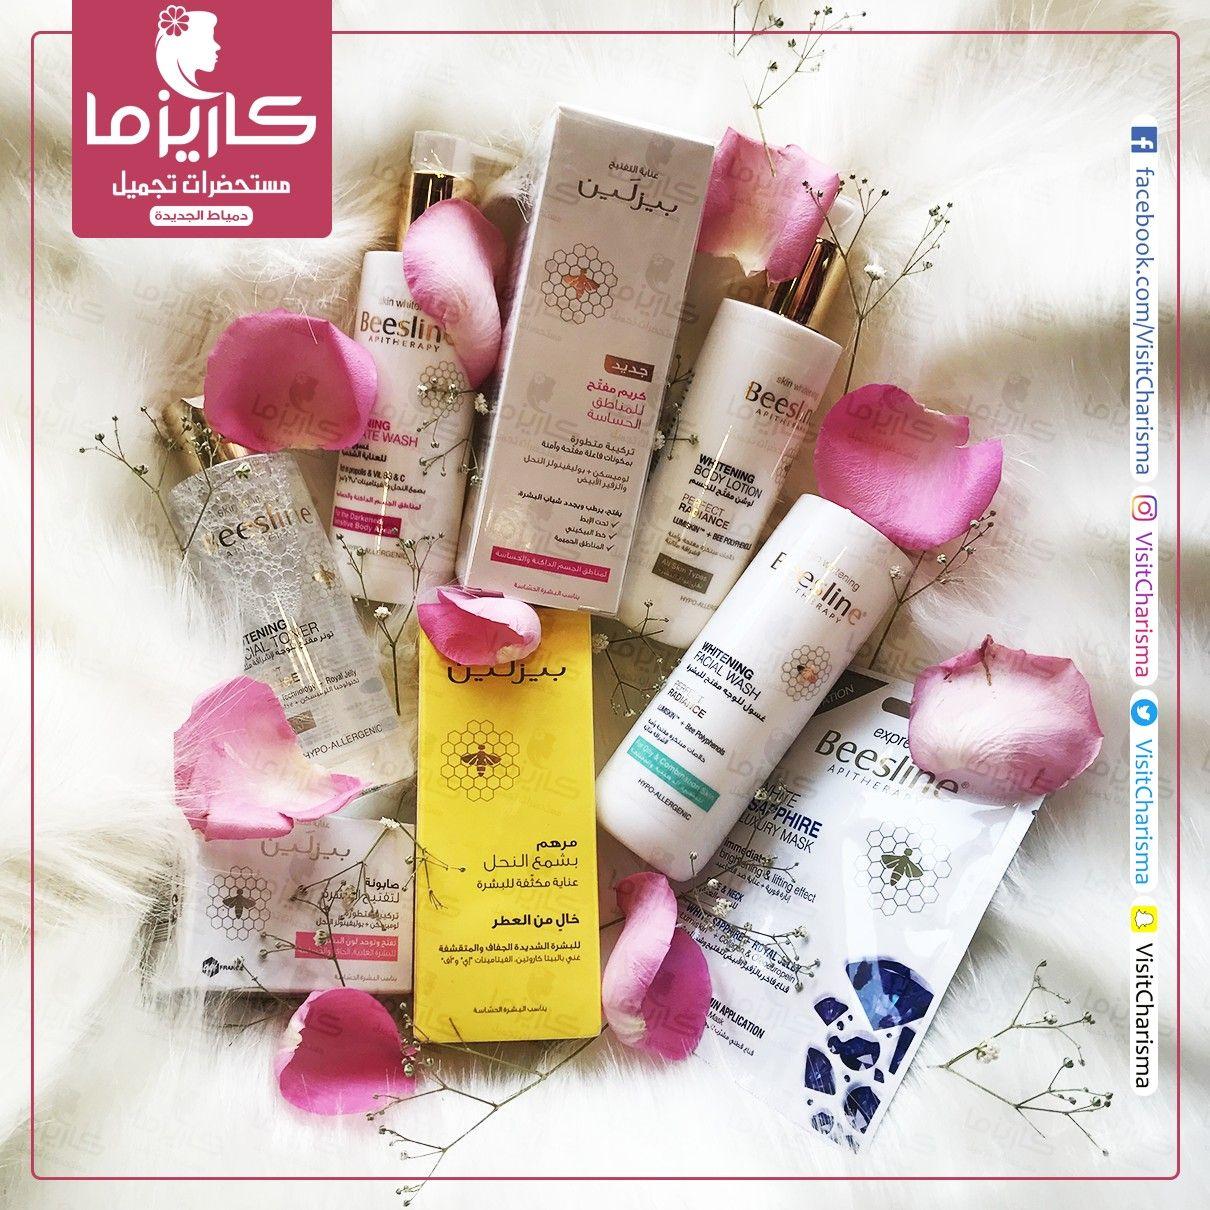 مش عارفة اجيبهالكوا ازاي بس مجموعة بيزلين اتوفرت تاني كل منتجاتها مناسبة للبشرة الحساسة والمكون الاساسي فيها العسل Shampoo Bottle Beauty Personal Care